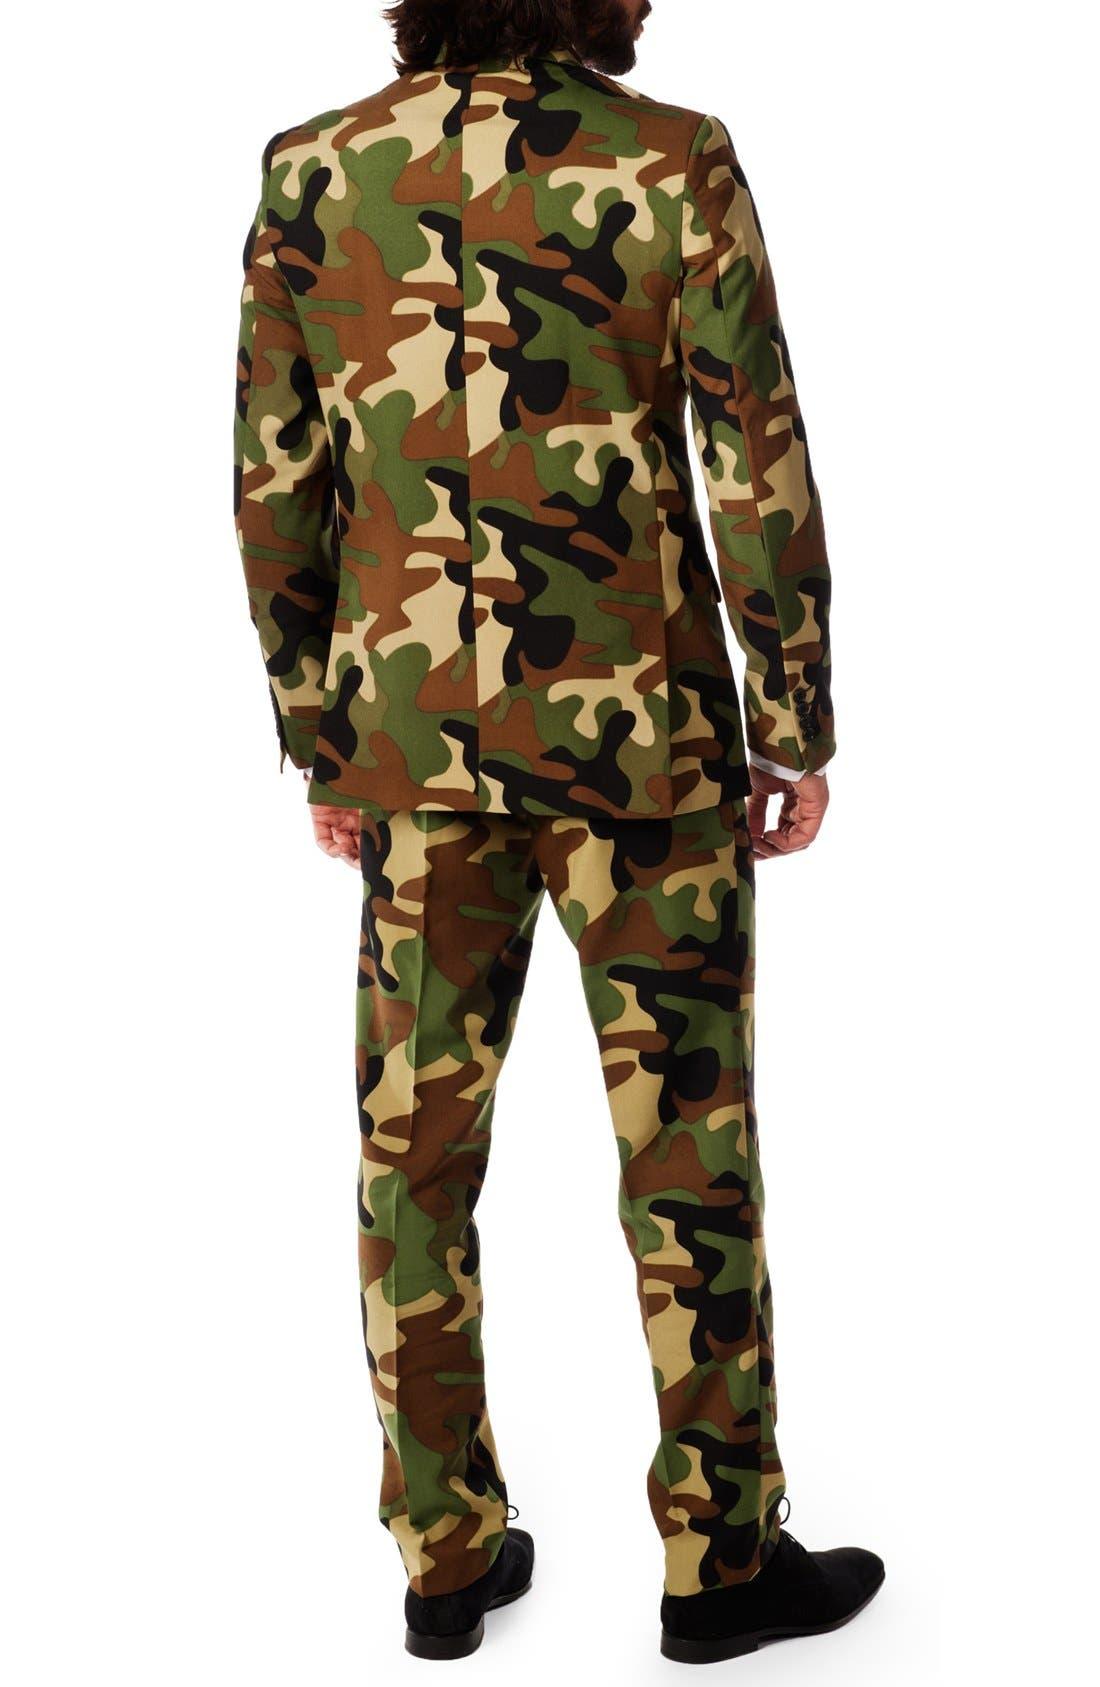 'Commando' Trim Fit Two-Piece Suit with Tie,                             Alternate thumbnail 2, color,                             300